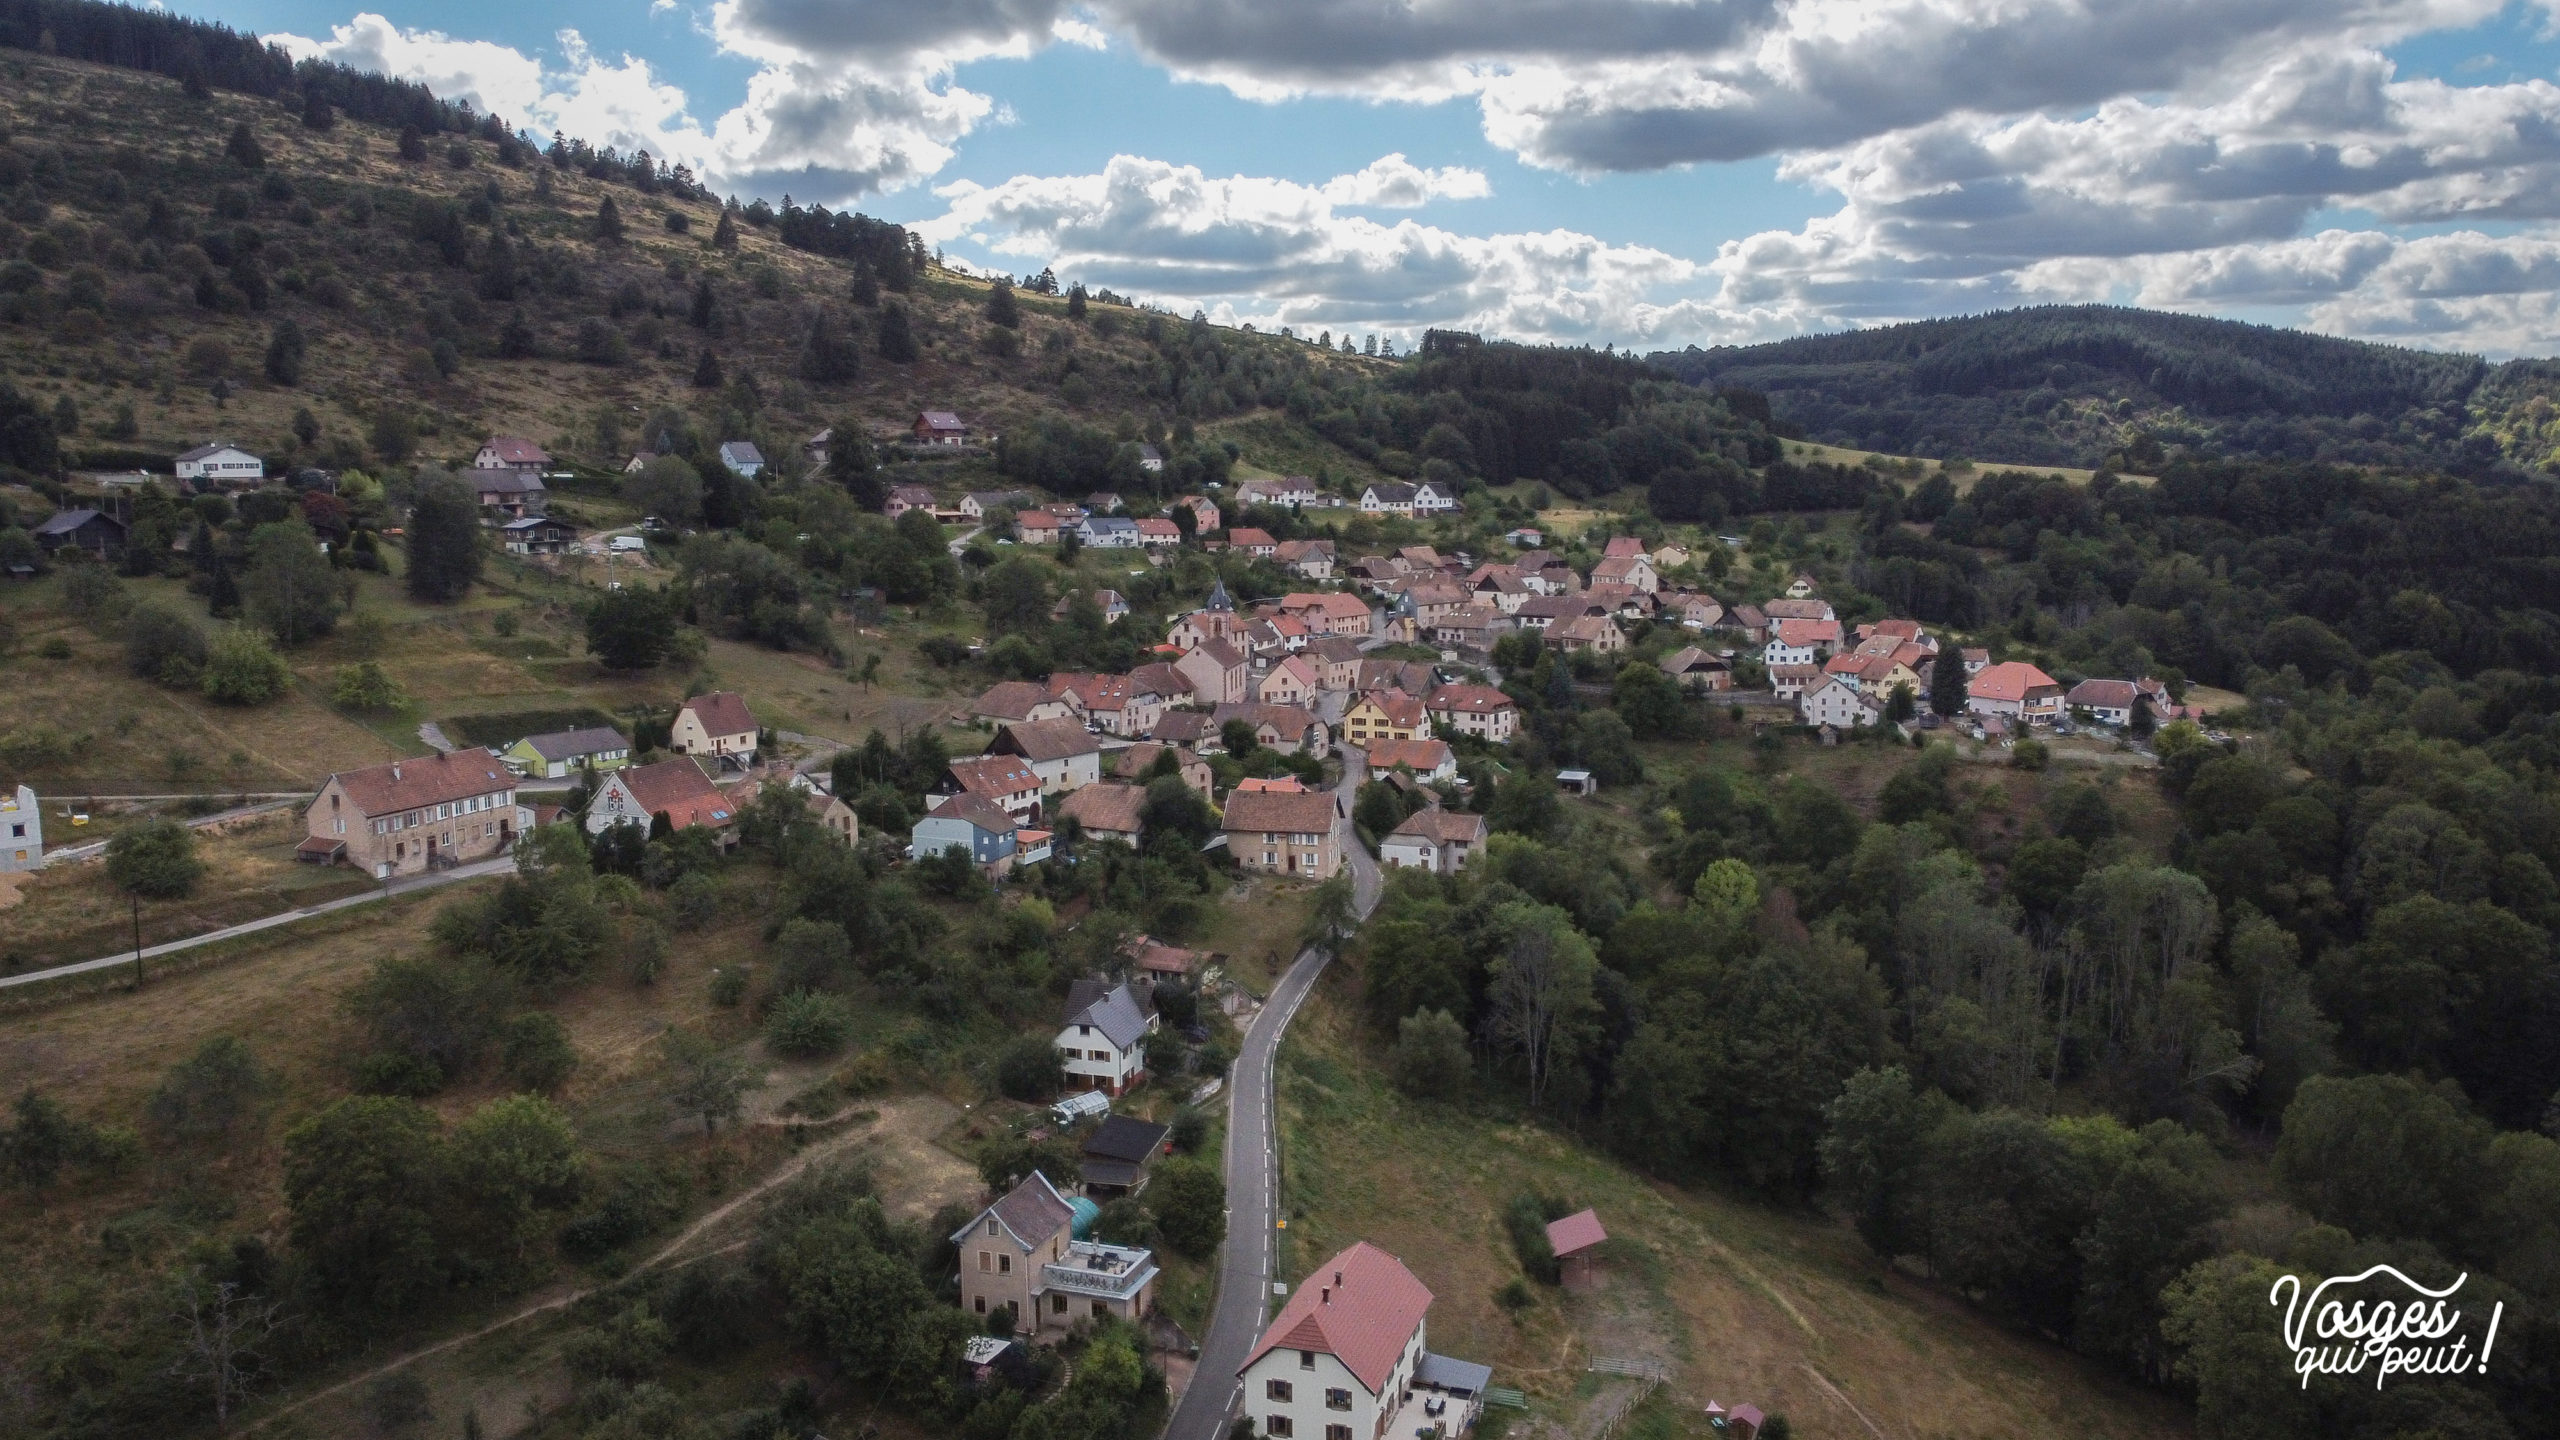 Vue aérienne du village de Neuviller-la-roche dans la vallée de la Bruche